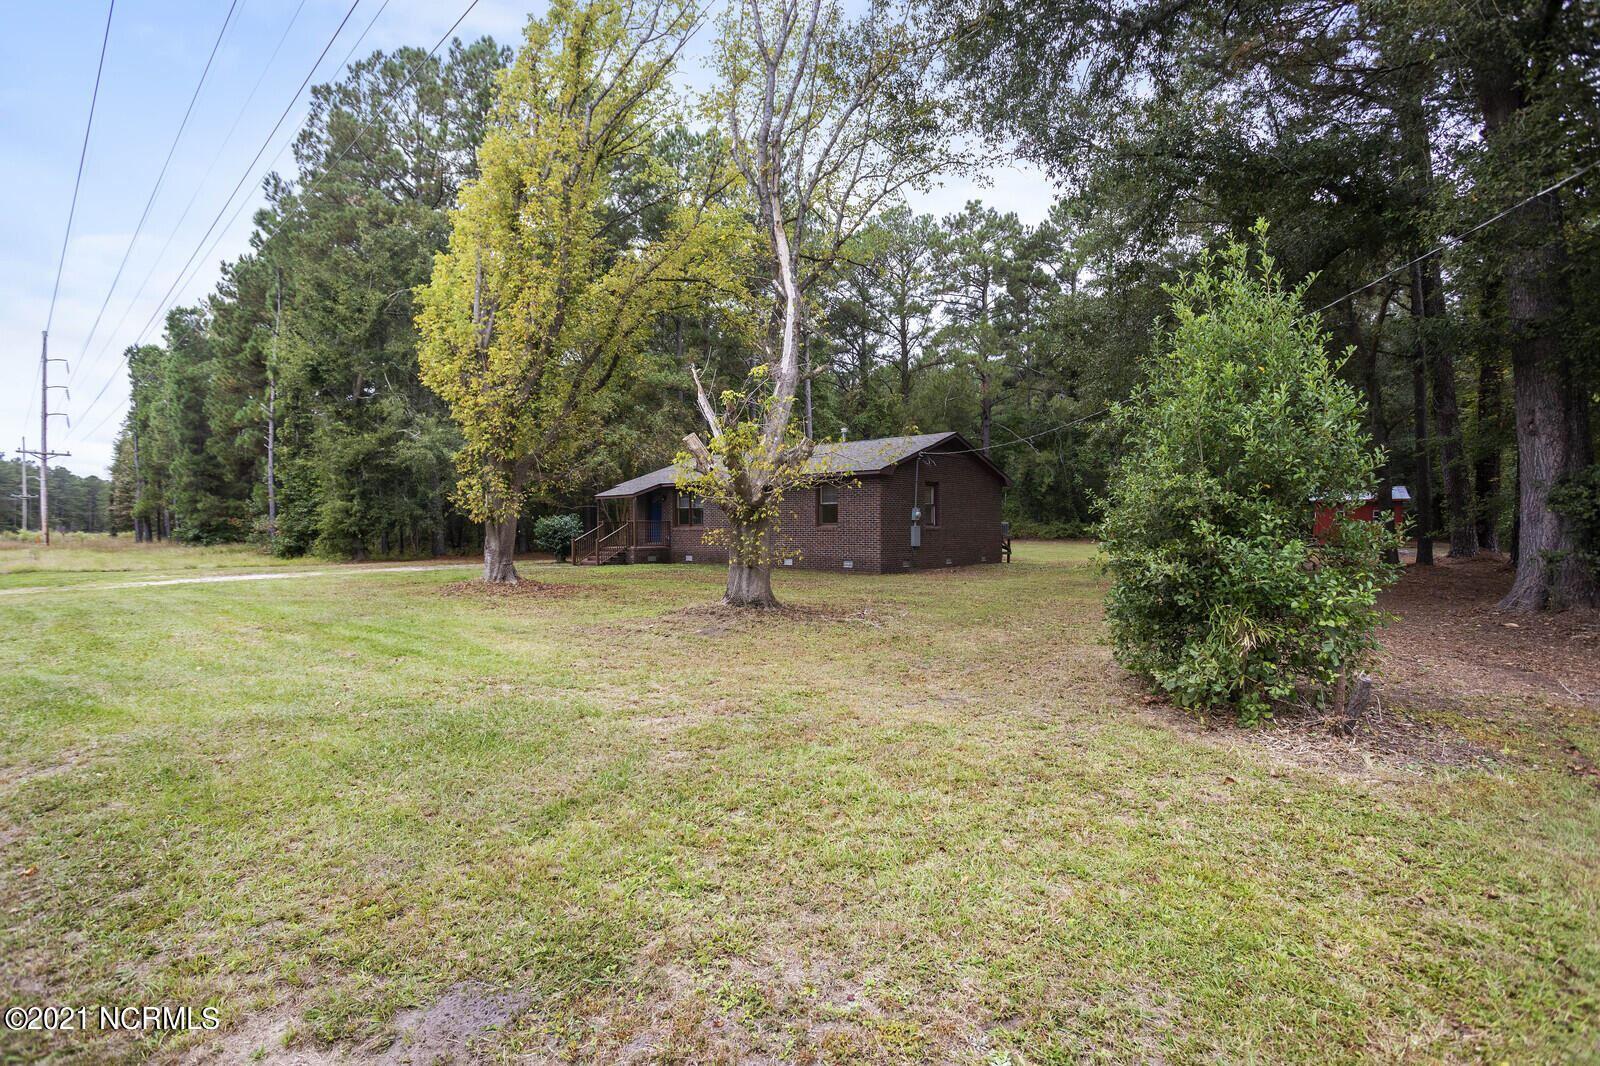 Photo of 6550 Nc Highway 53 E, Burgaw, NC 28425 (MLS # 100295188)